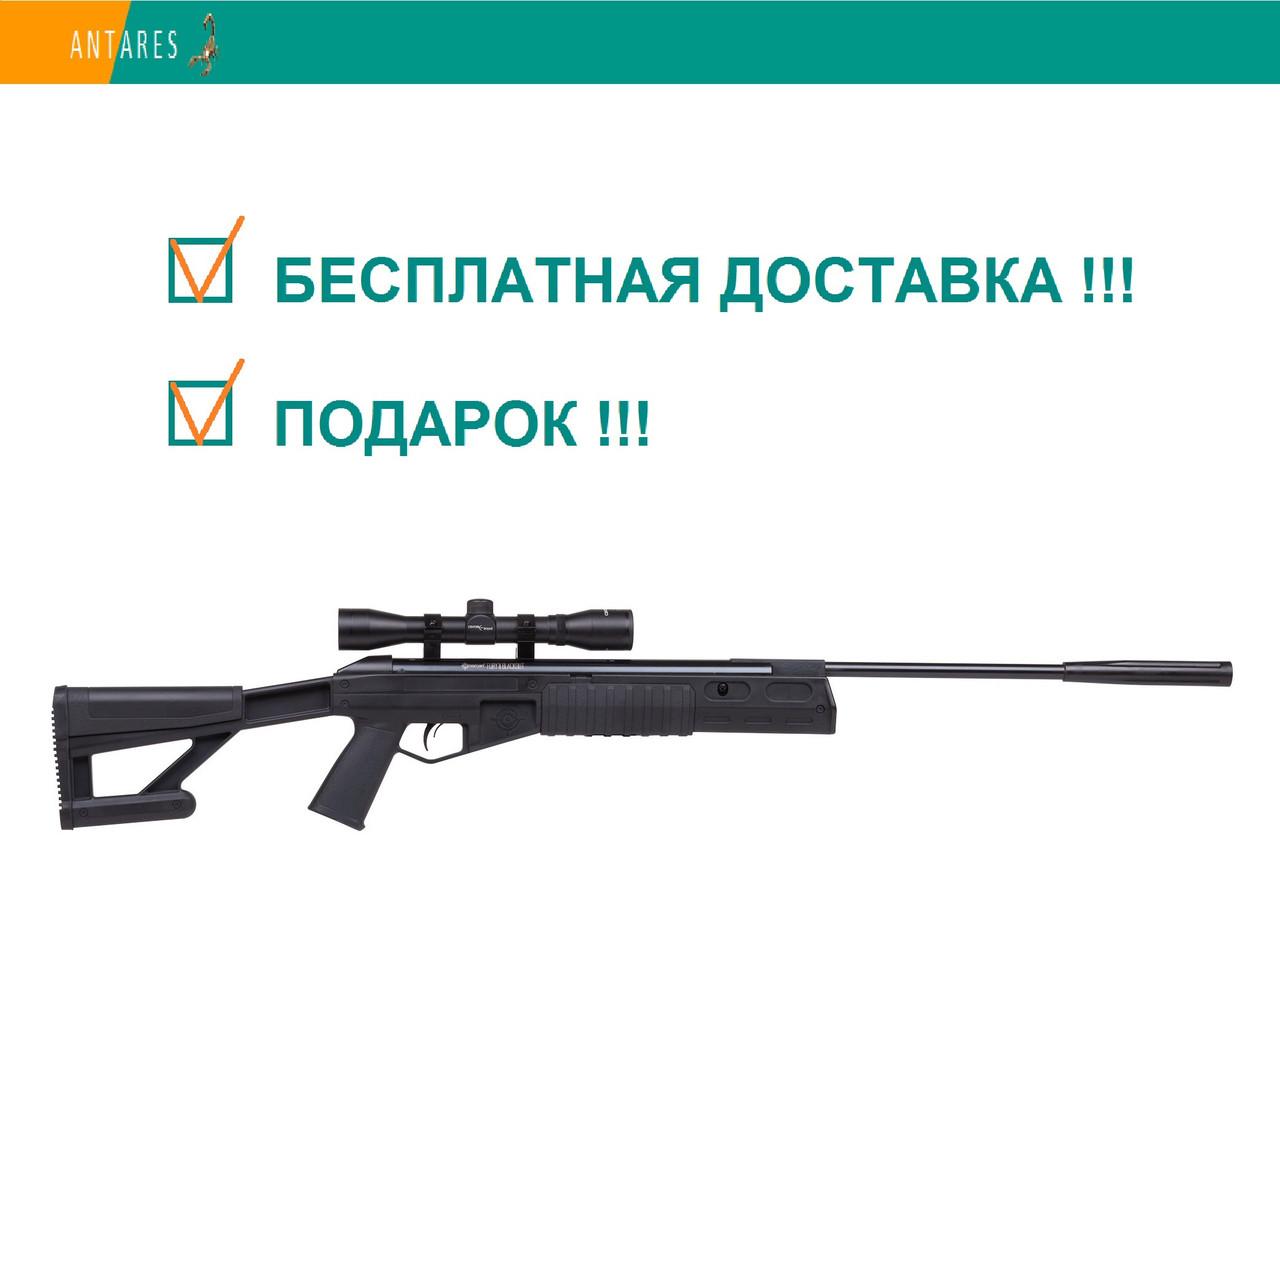 Пневматическая винтовка Crosman Fury II Blackout RM с оптическим прицелом 4x32 перелом ствола 305 м/с